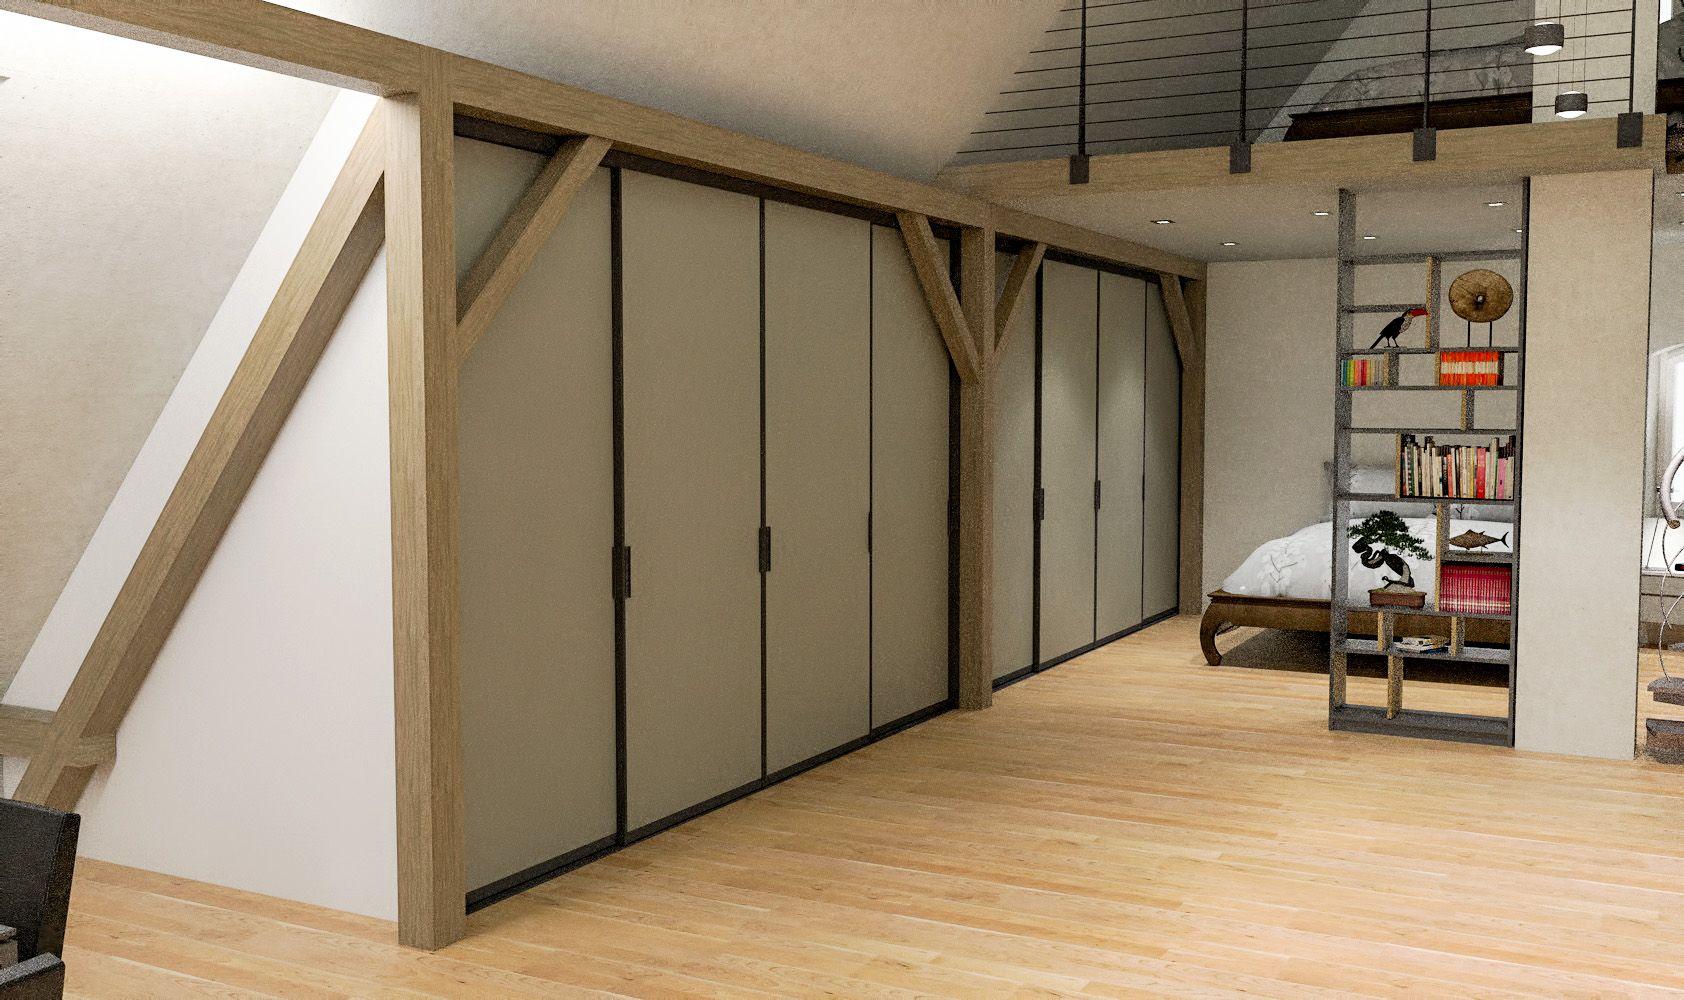 Egal Ob Unter Einer Dachschrage Oder Gegen Eine Dachschrage Cabinet Ist Die Losung Einbauschrank Dachschrage Einbauschrank Dachschrage